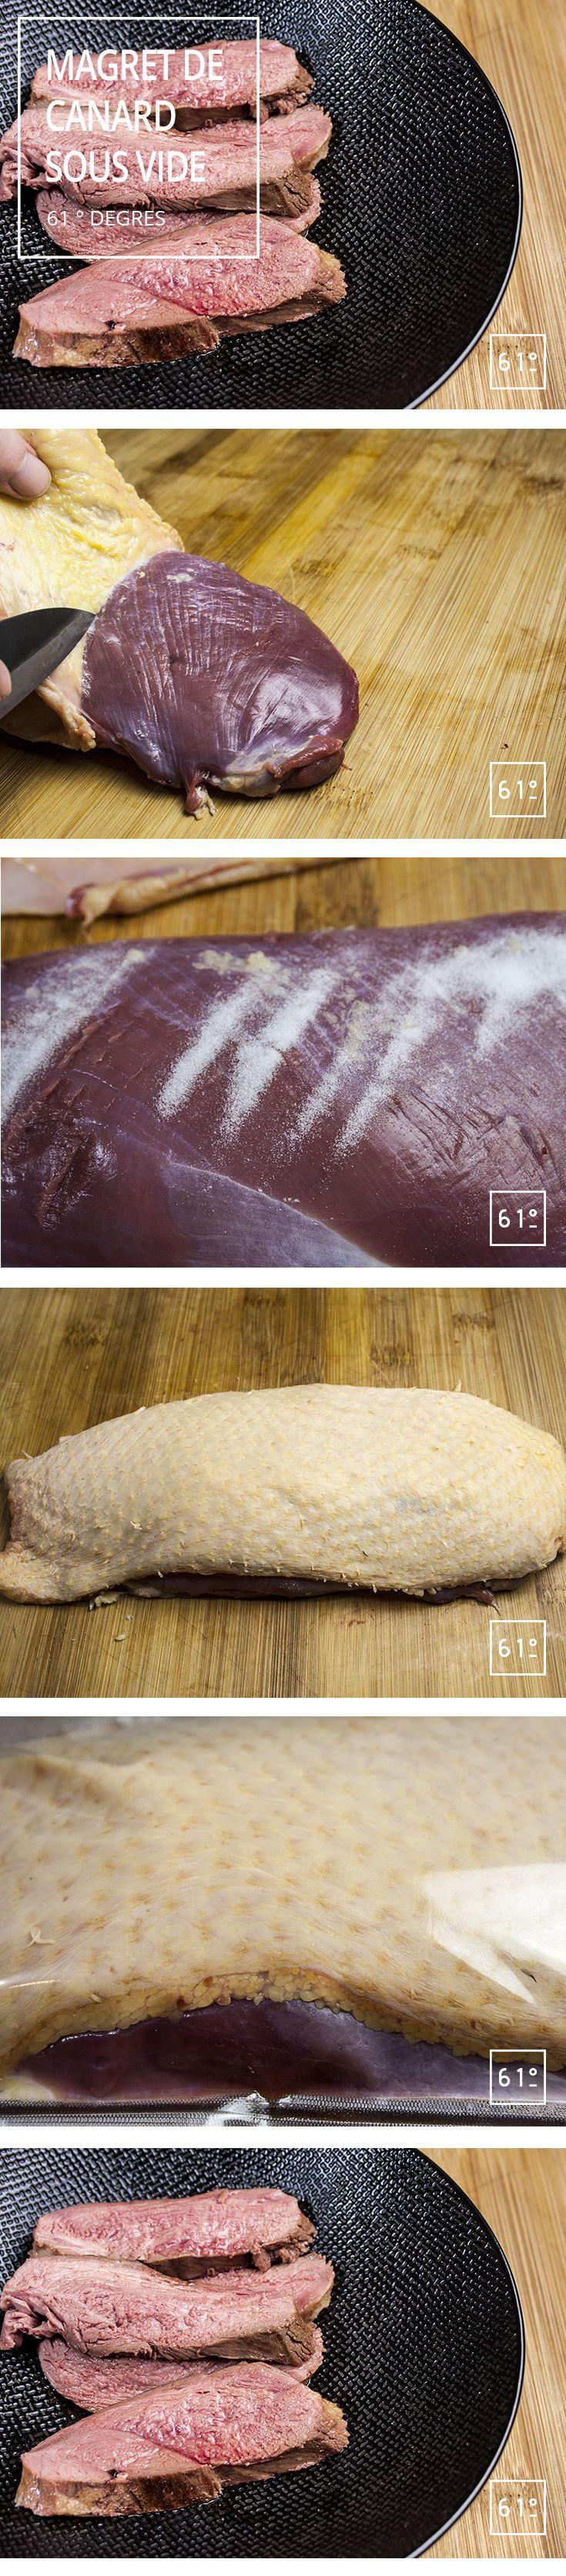 La dernière fois que l'on vous a parlé de magrets de canard, ils étaient séchés par nos soins.😍  Et bien cette fois-ci nous vous proposons un filet de canard (ou deux) cuit à basse température pour garder tout son goût intact.😋  En plus vous allez découvrir une super technique pour gérer facilement la peau du magret après la cuisson.😉  #magretdecanard #sousvide #cuisinemoderne #cuisnegastronimique #recette #bassetemperature